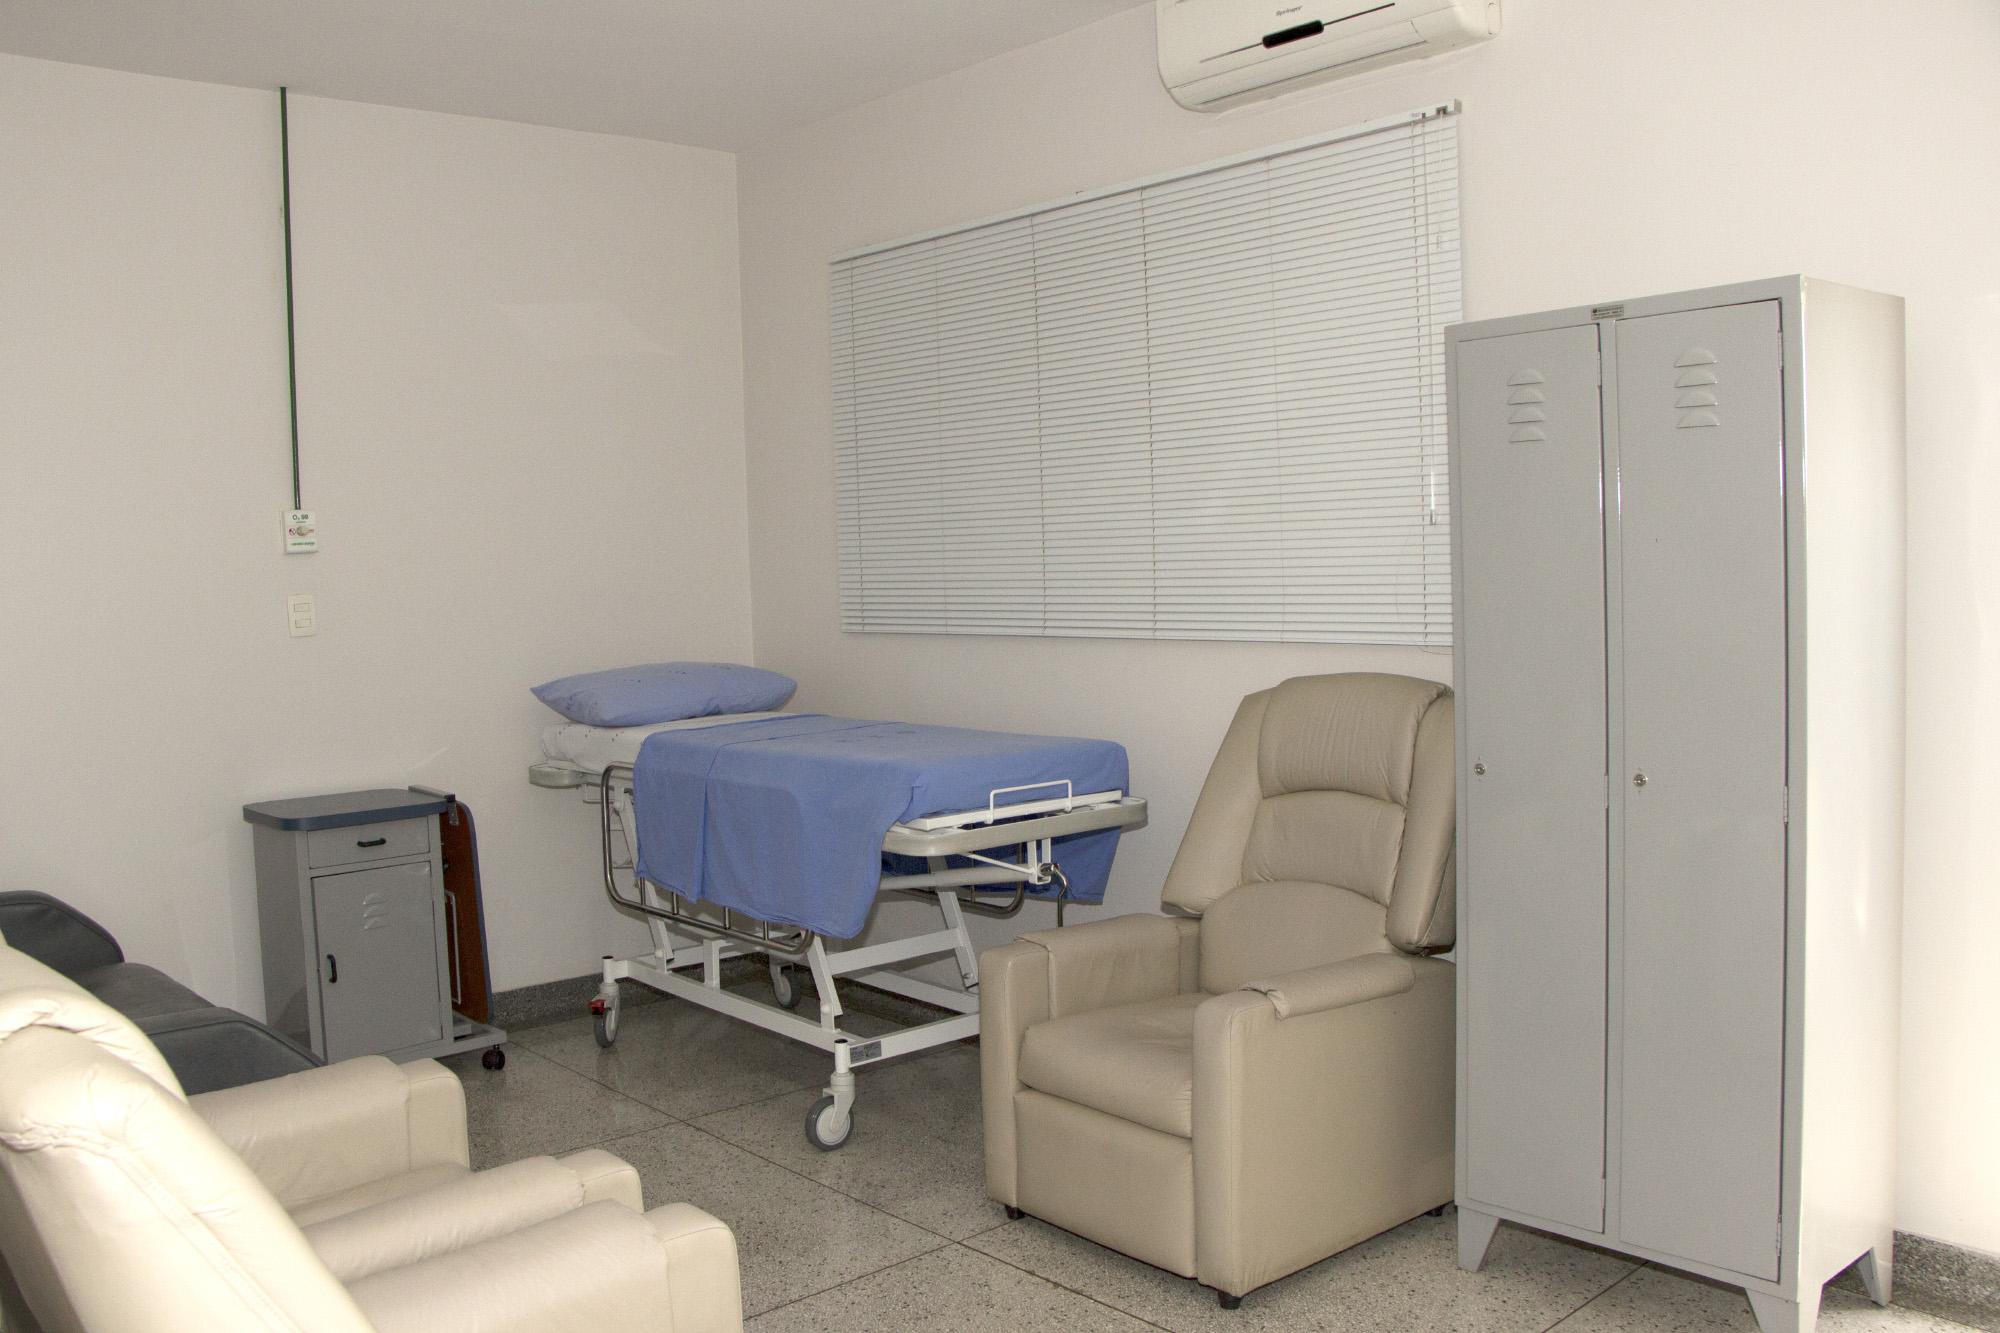 CTO Indaia - Day Hospital